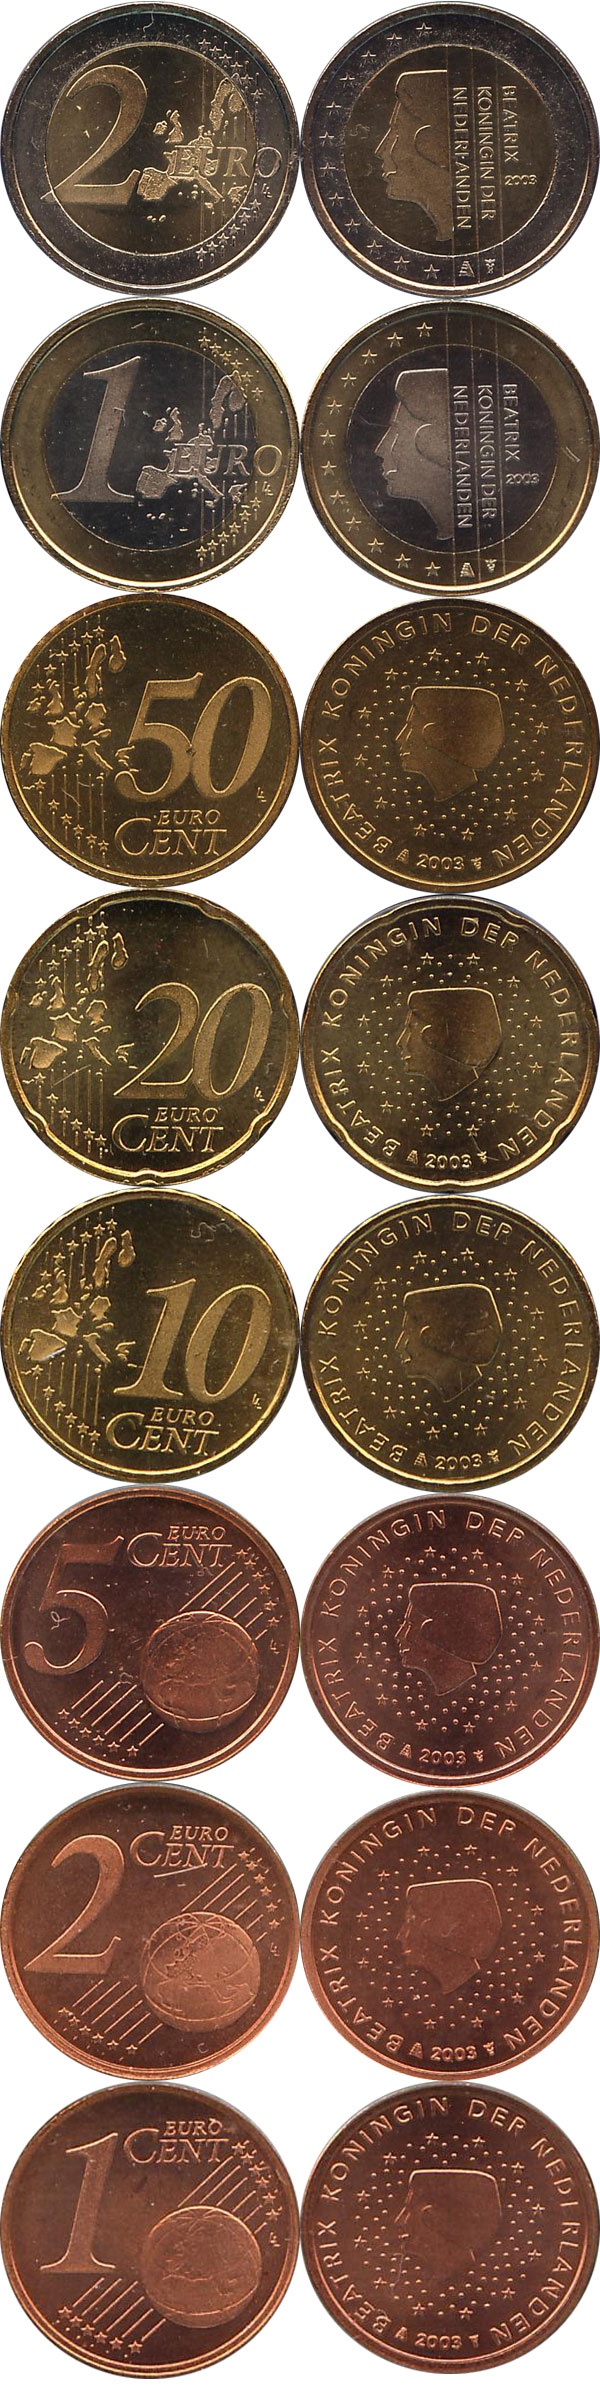 Картинка Подарочные монеты Нидерланды Евронабор 2005 года выпуска  2005